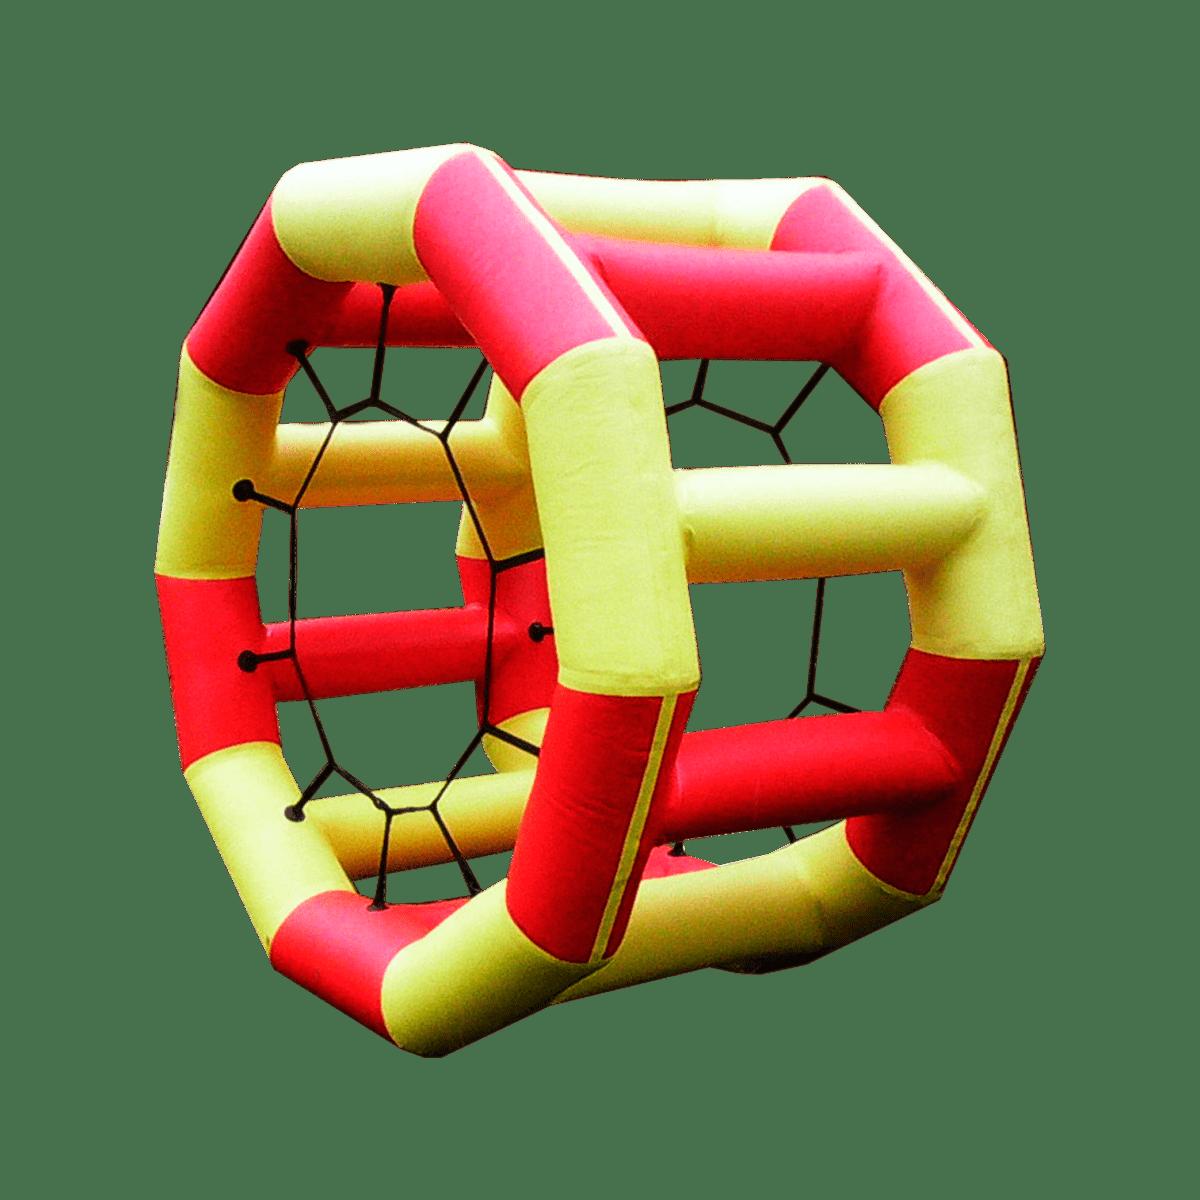 Беличье колесо, беличий куб